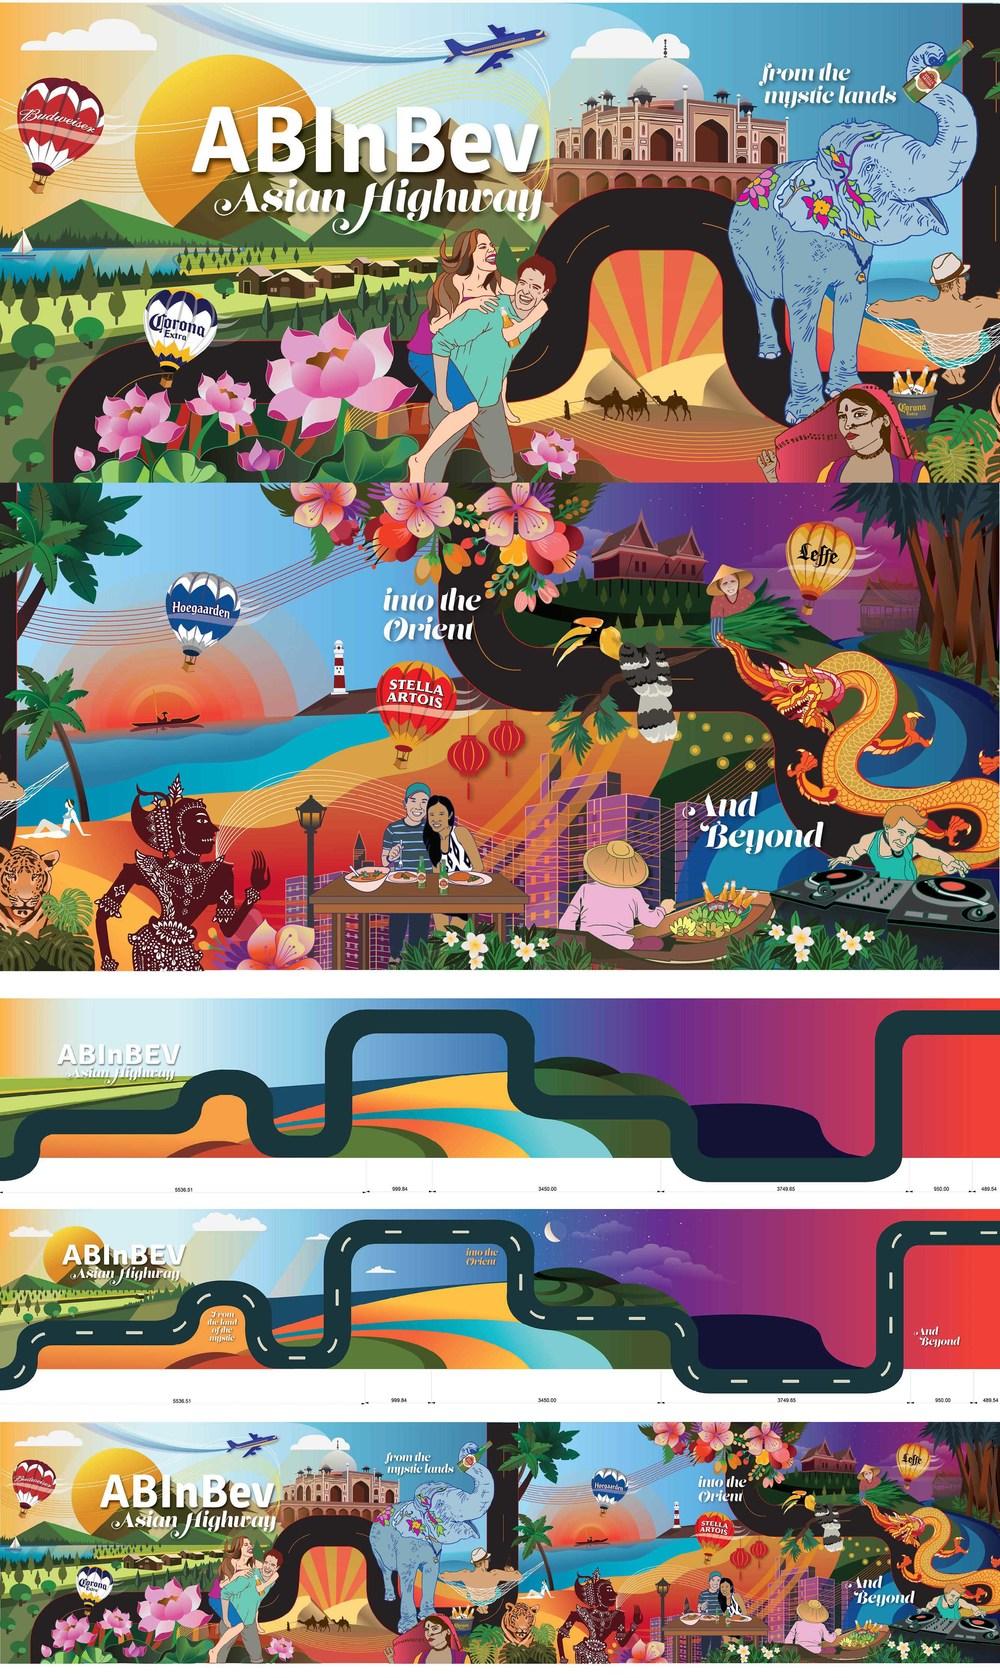 muralas copy.jpg